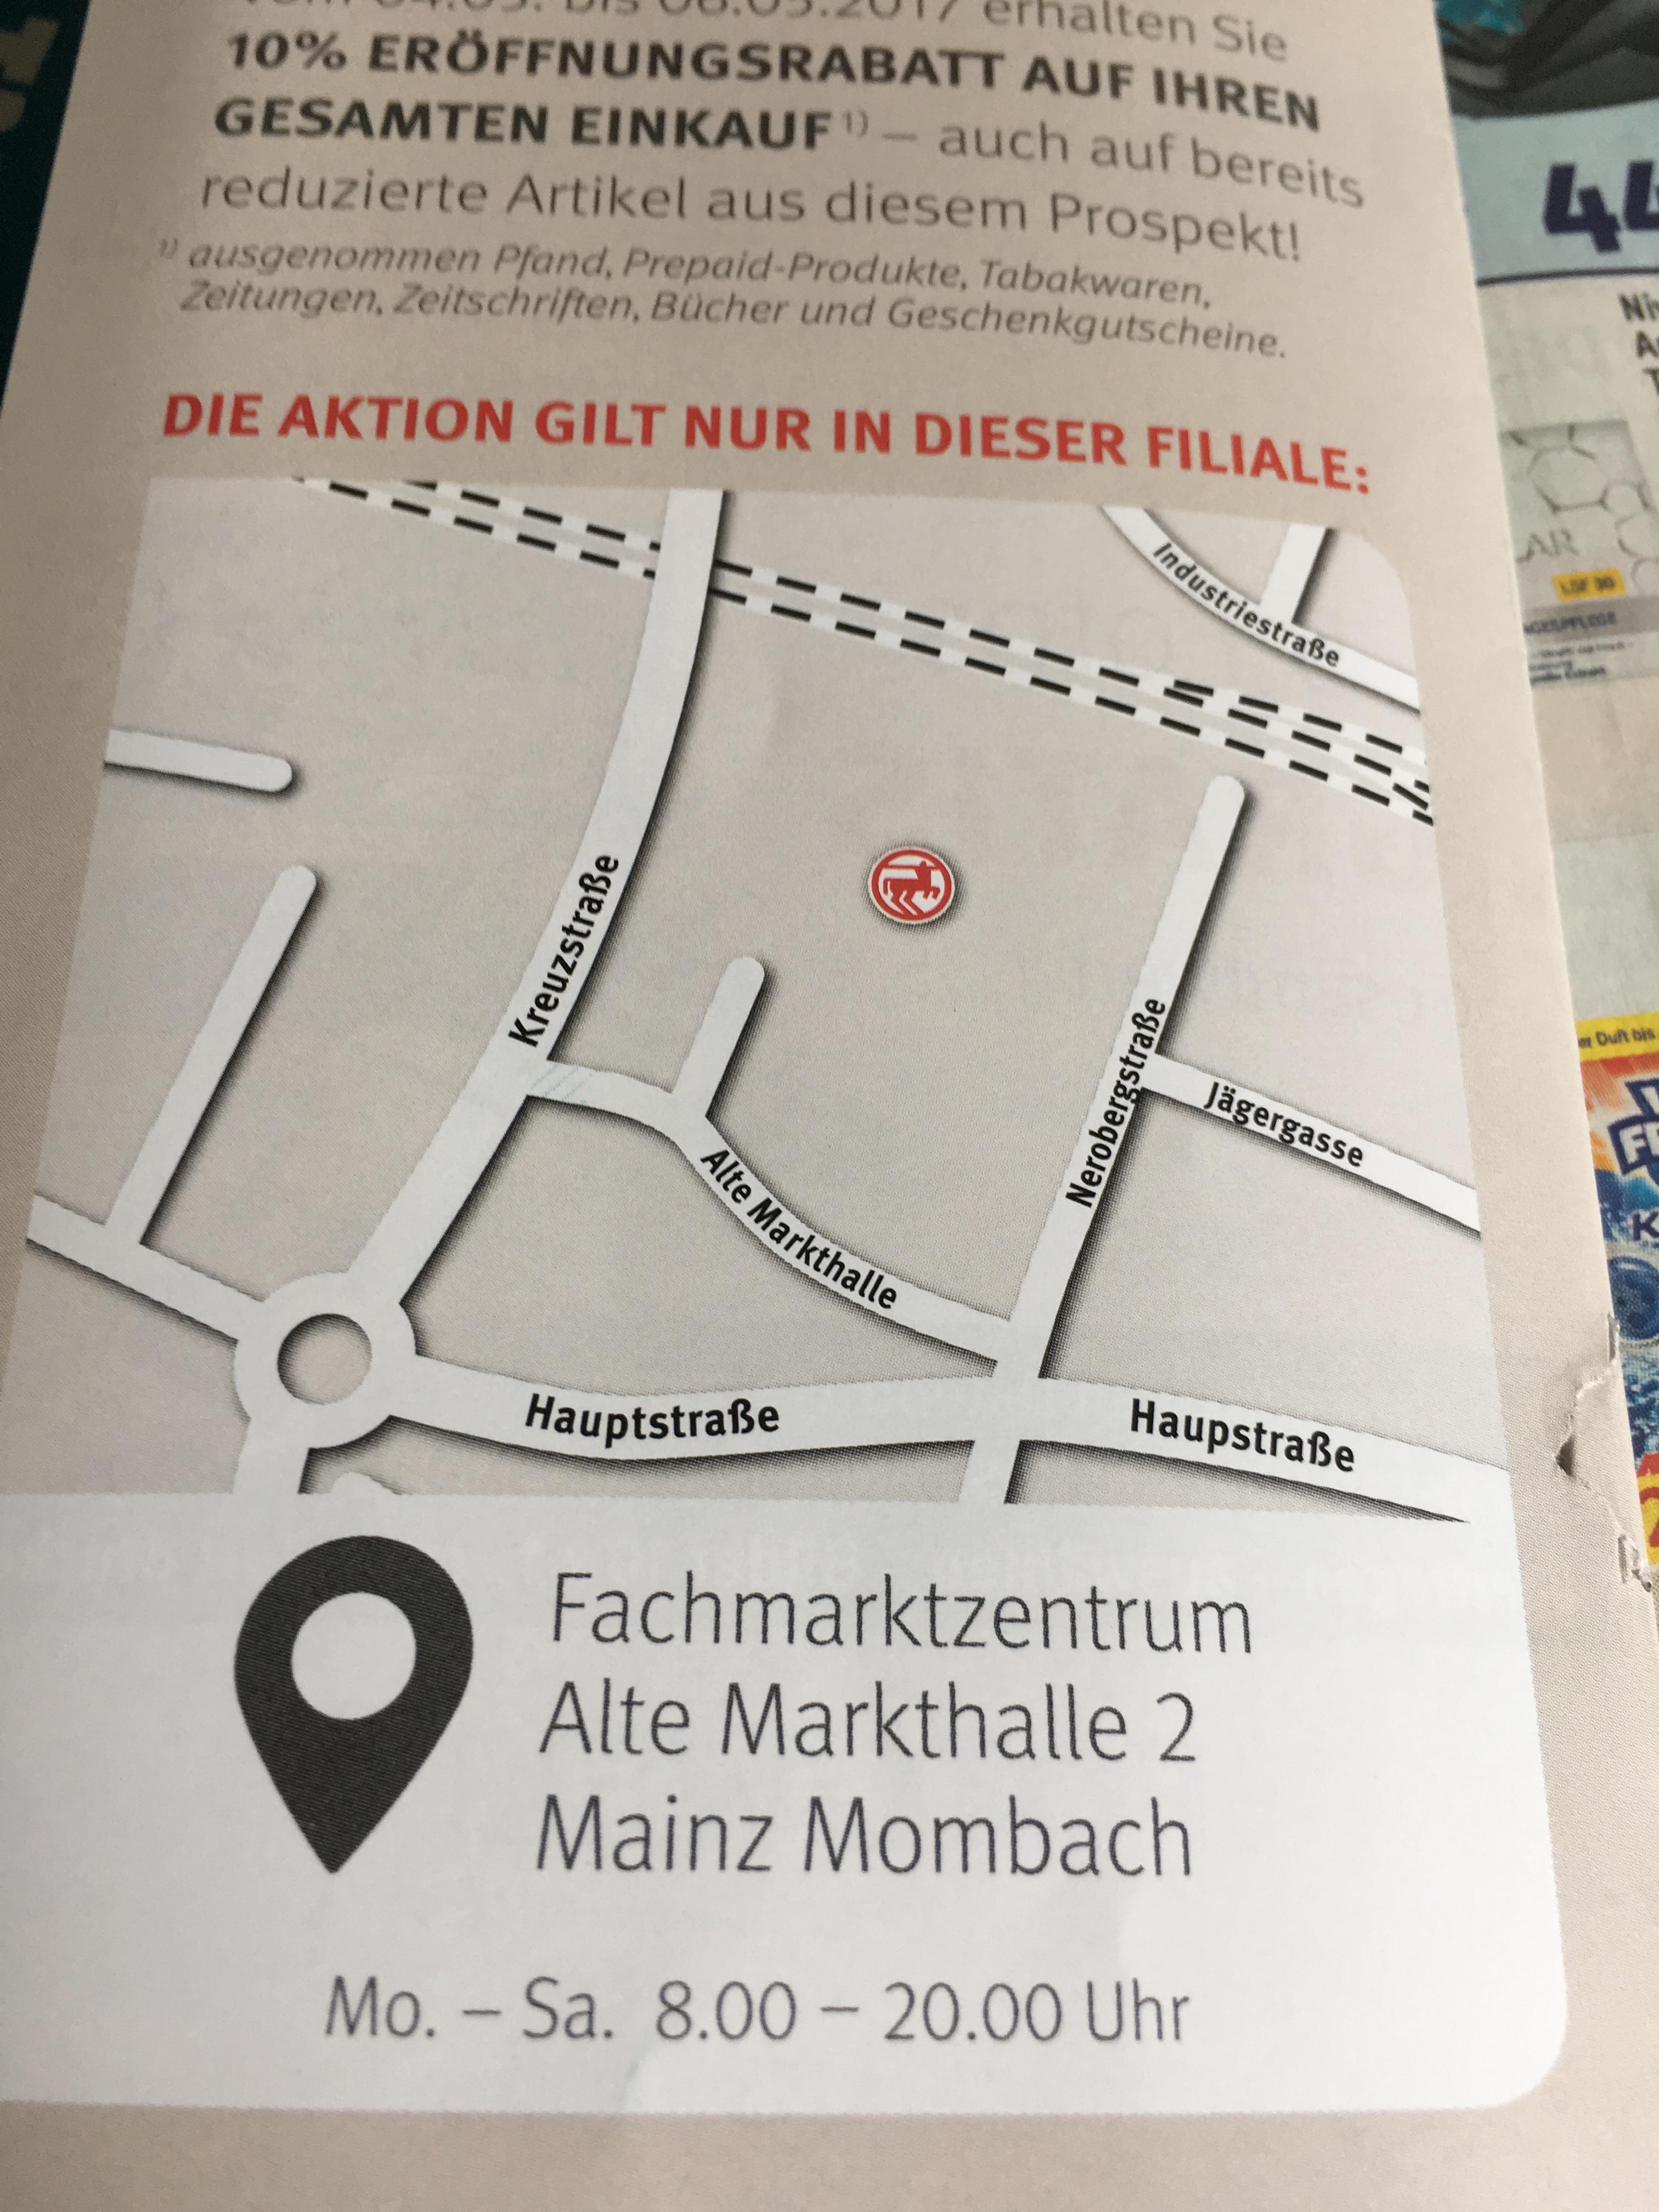 Neueröffnungen in Mainz Mombach: Rossmann 10% auf alles + Gratis Seifenspender, usw.. LIDL Neueröffnung: Gratis Kaffee, Brot